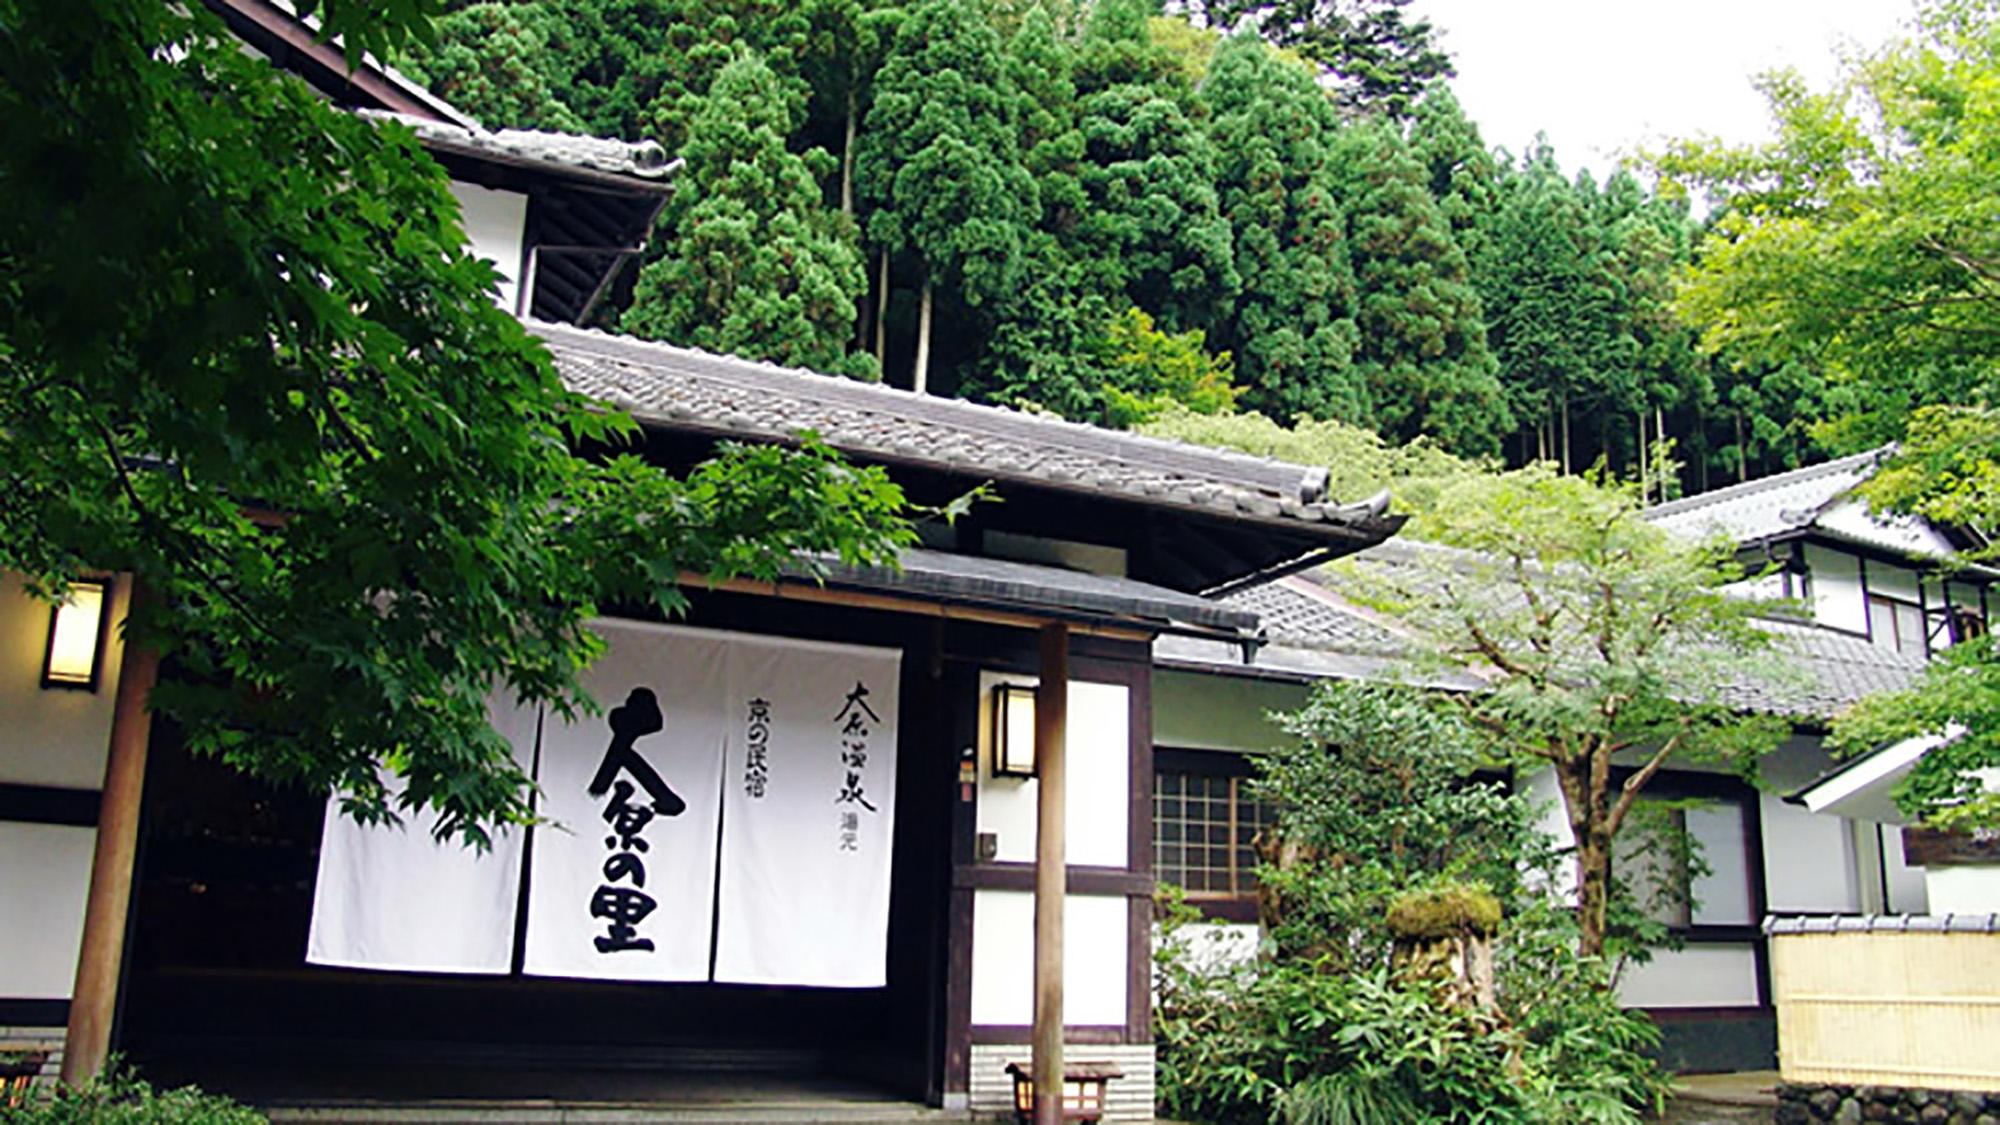 京都 味噌と大原温泉 民宿 大原の里